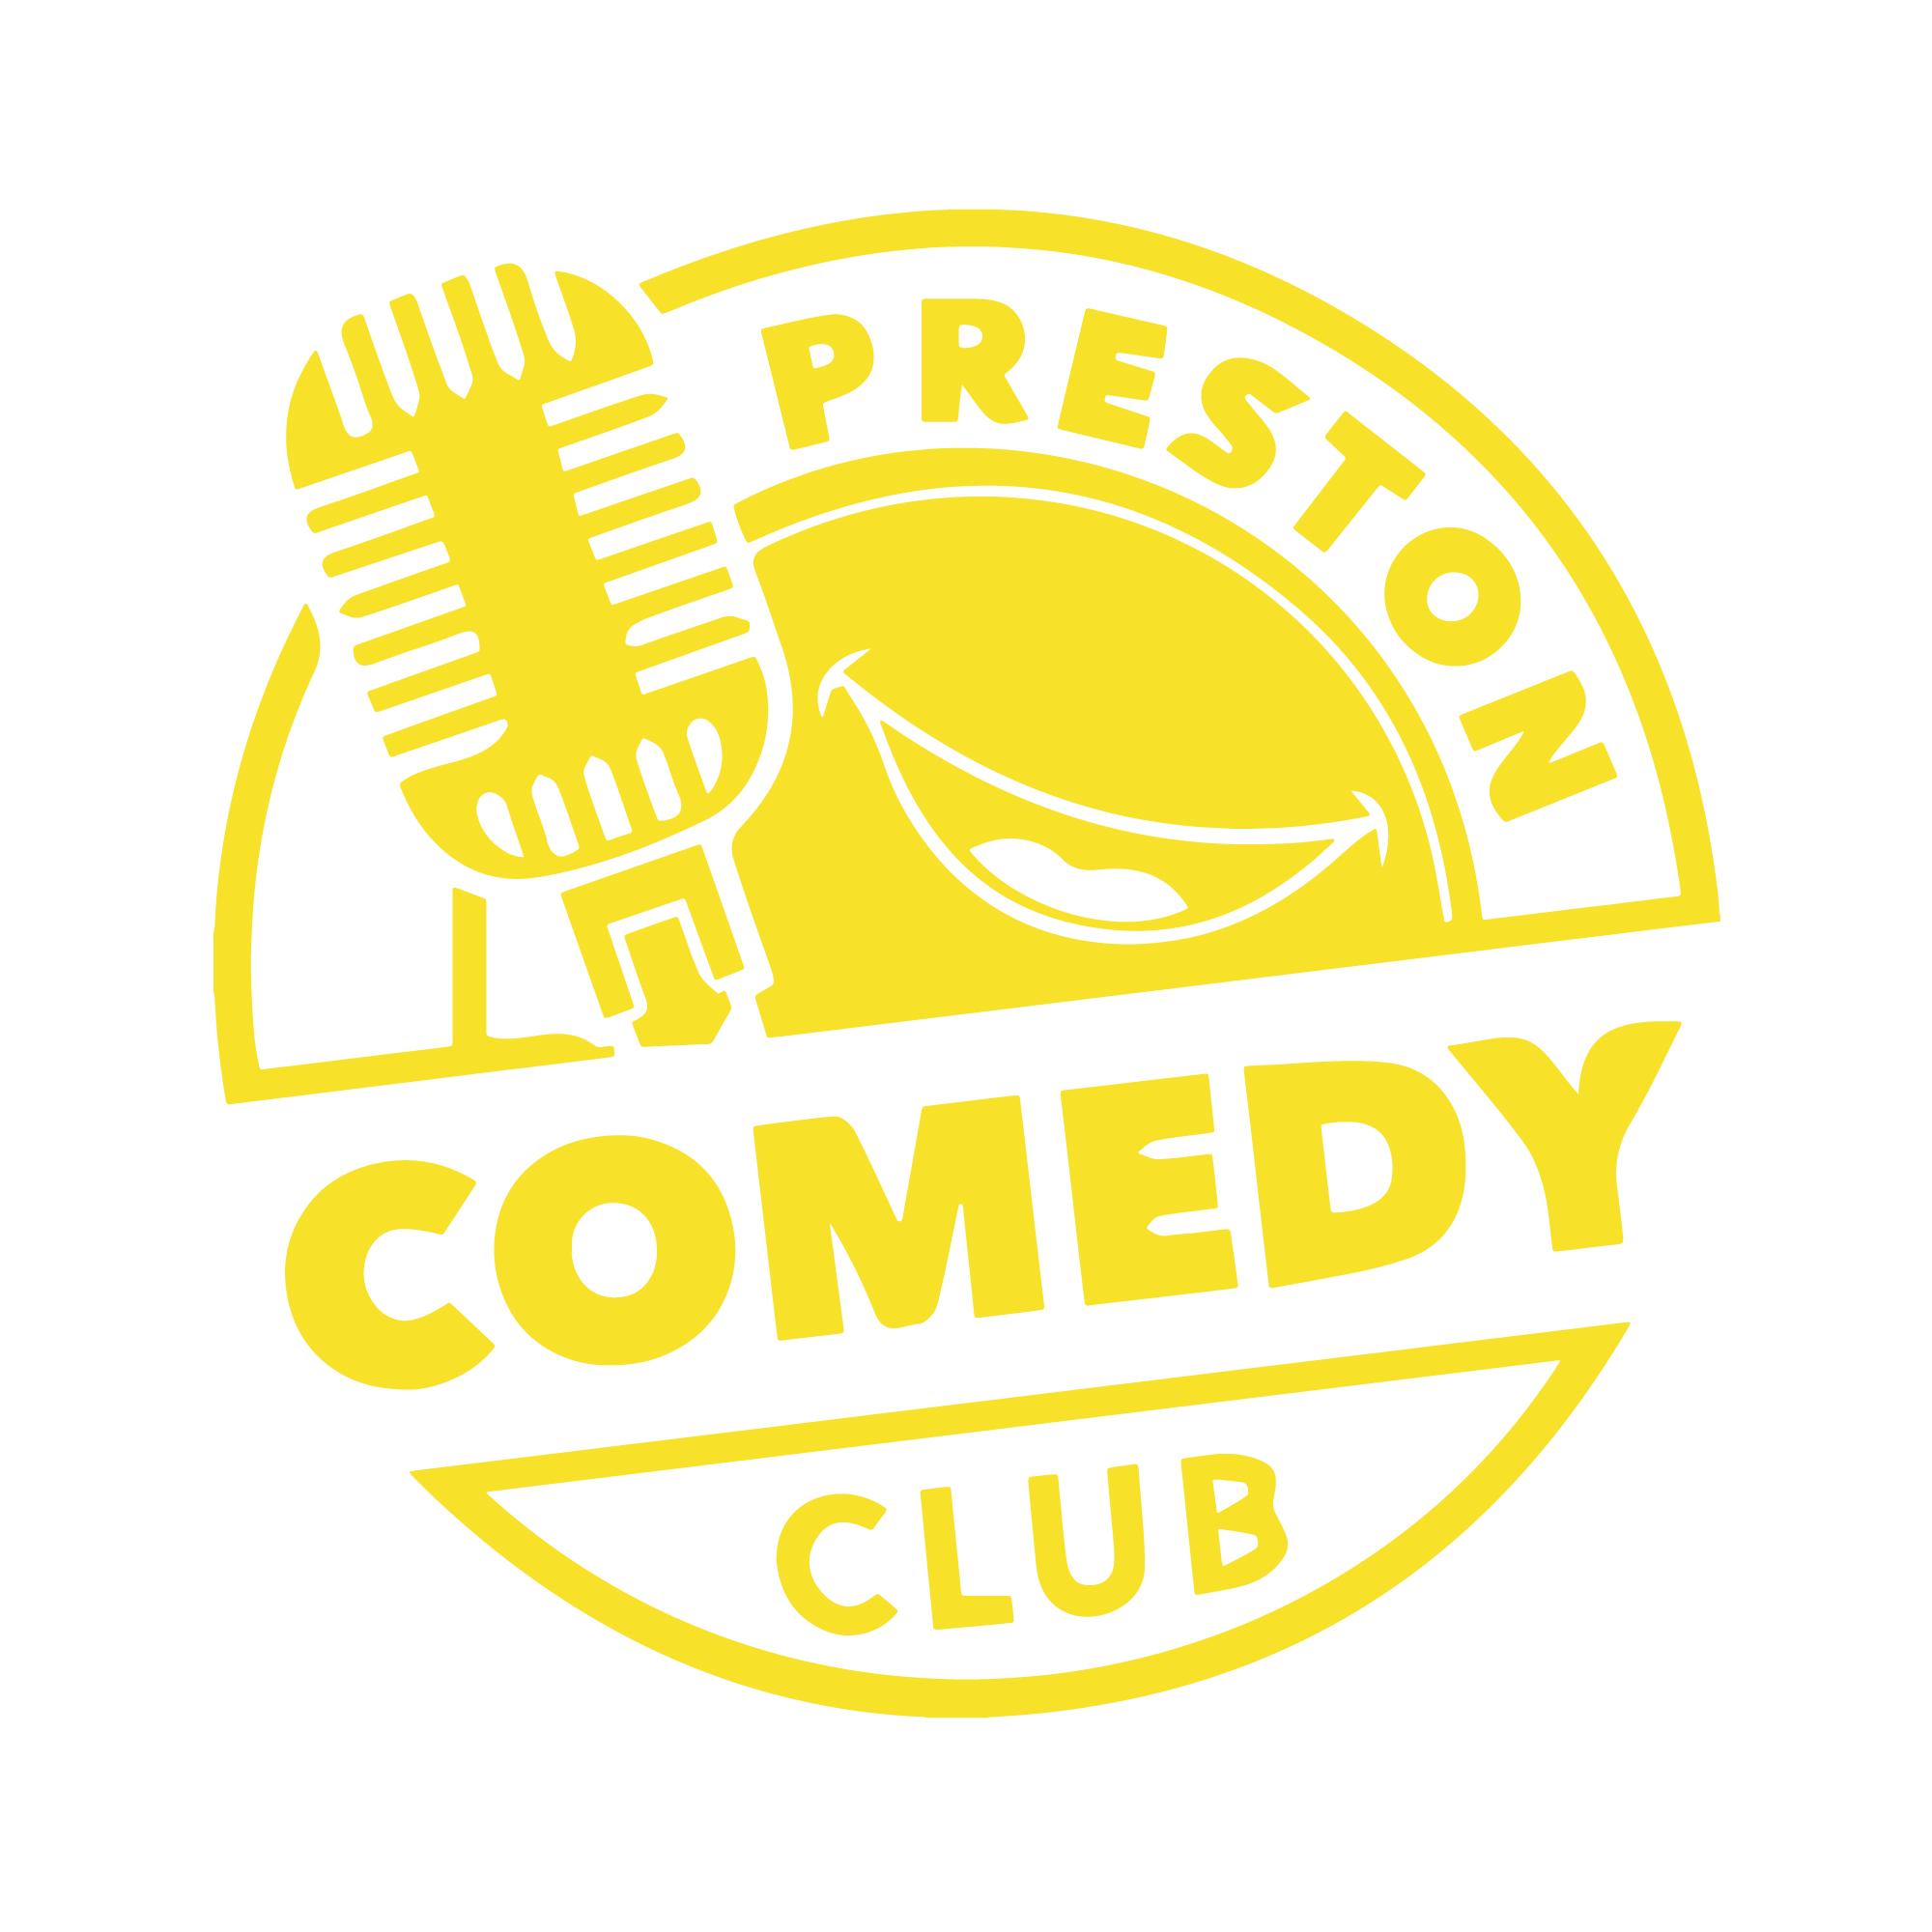 Preston Comedy Club